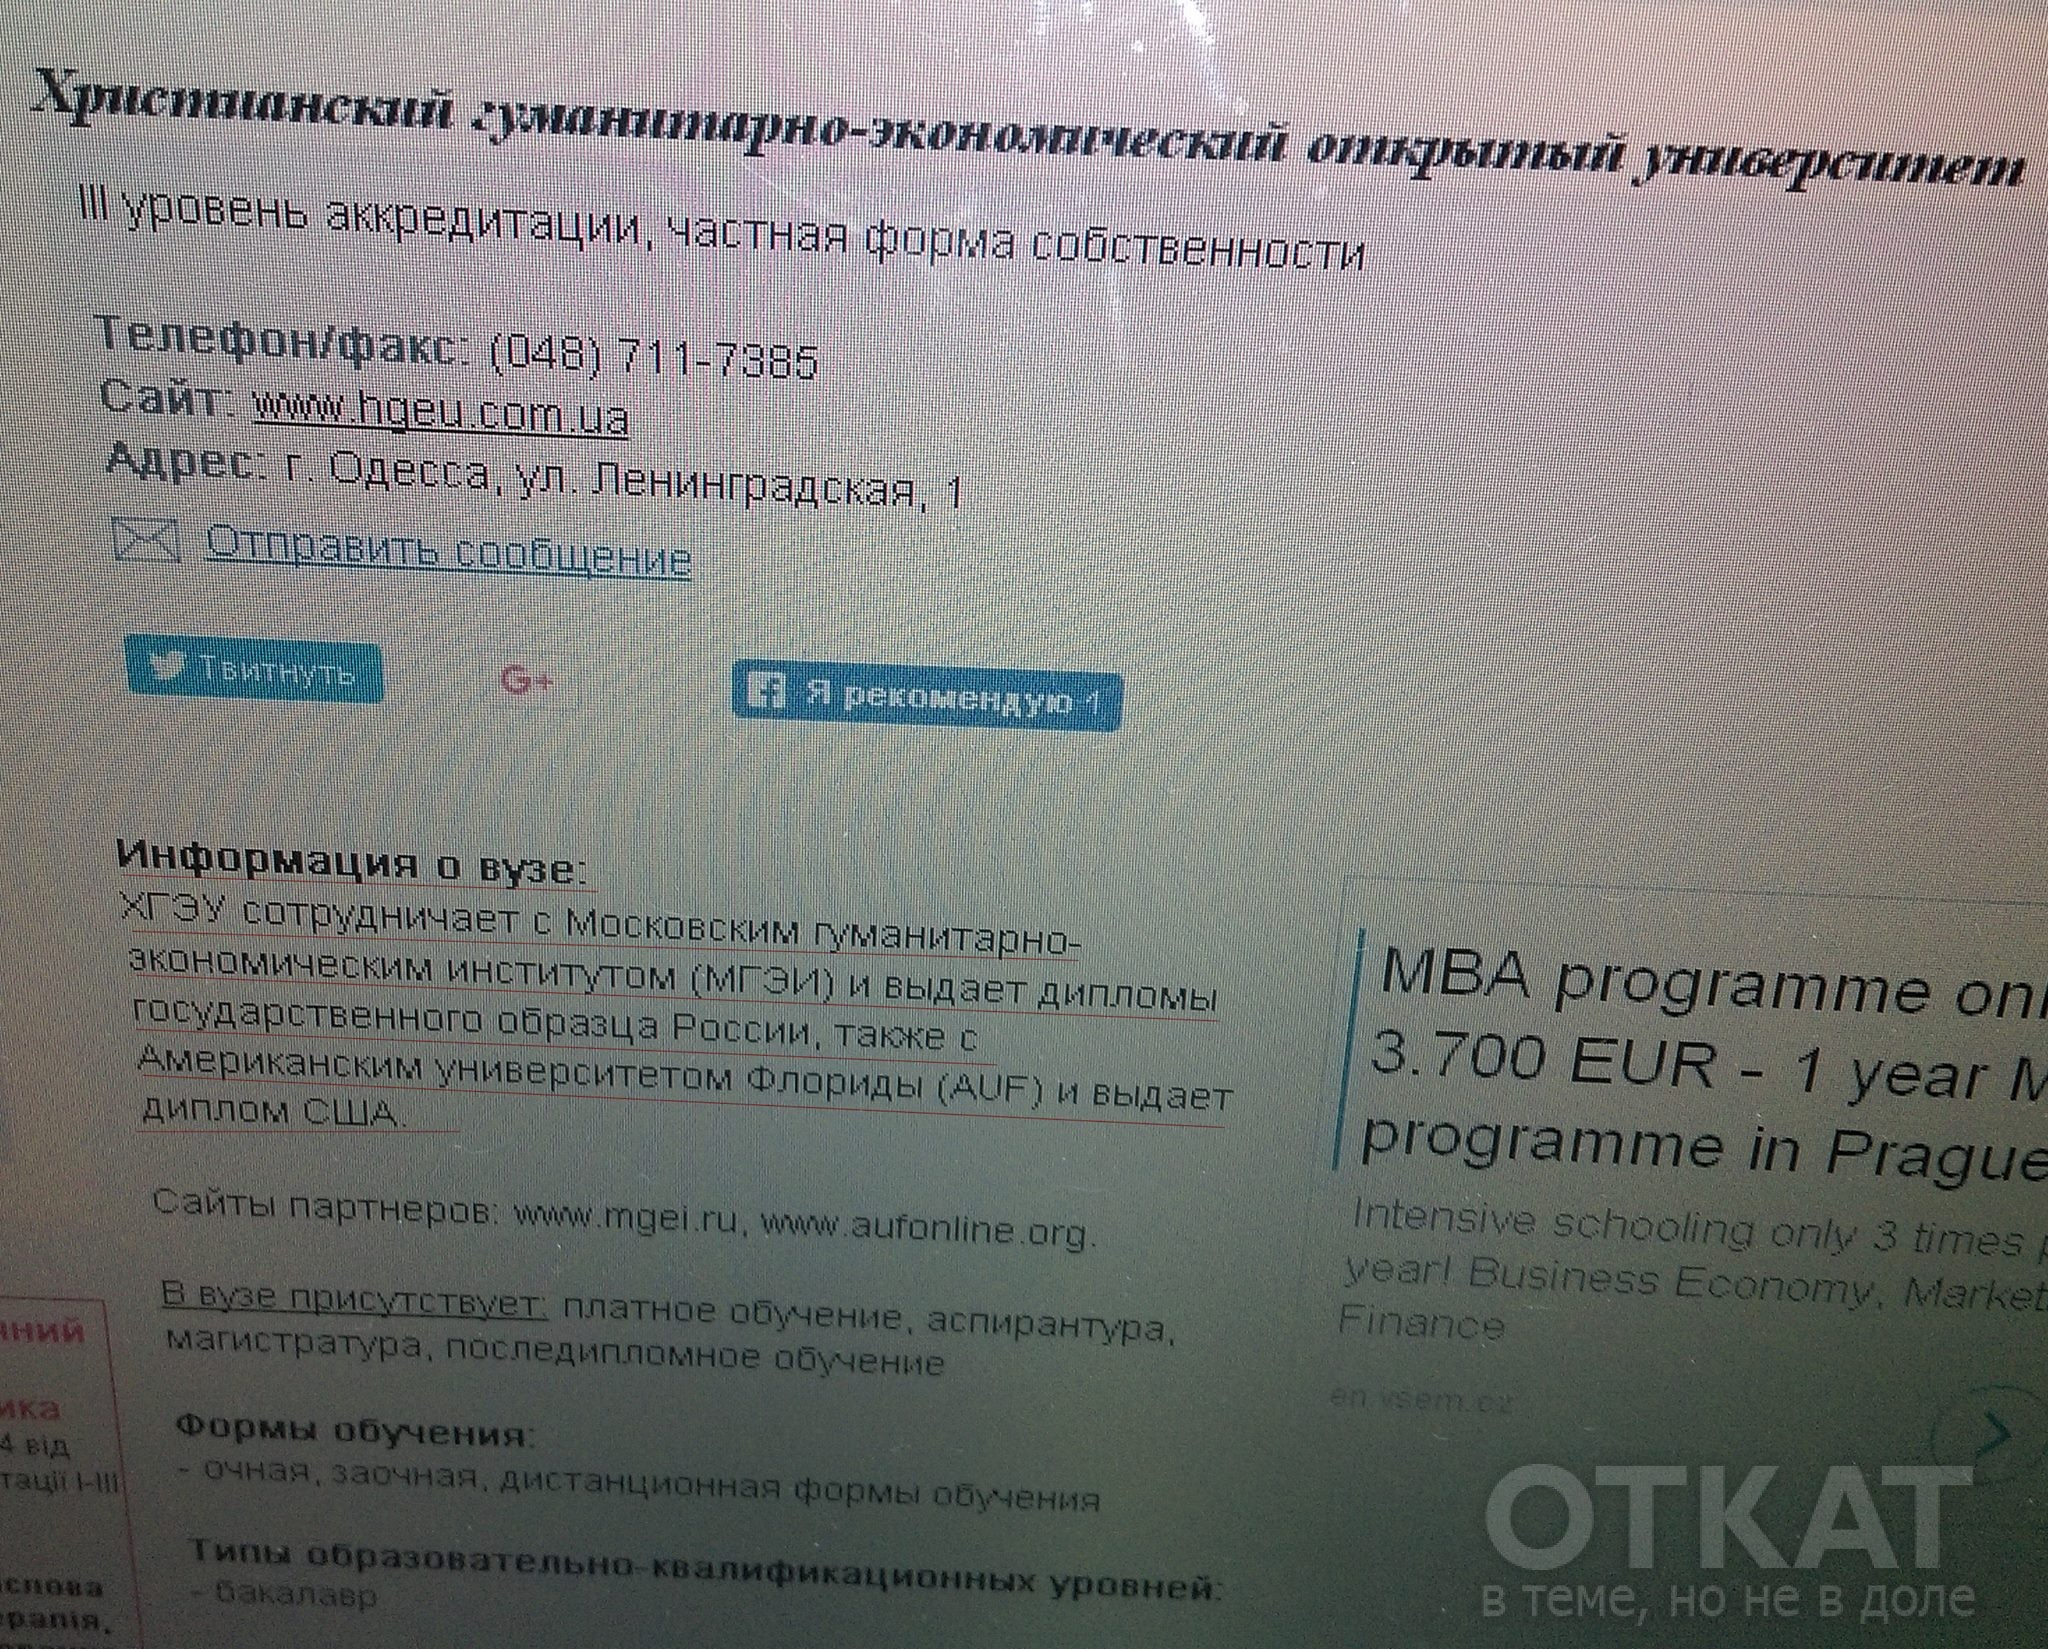 Где в Одессе можно получить диплом РФ ФОТО • Новостной портал  Как сообщают свободовцы вопросы несоответствия деятельности указанной общественной организации уставным документам и незаконная предпринимательская